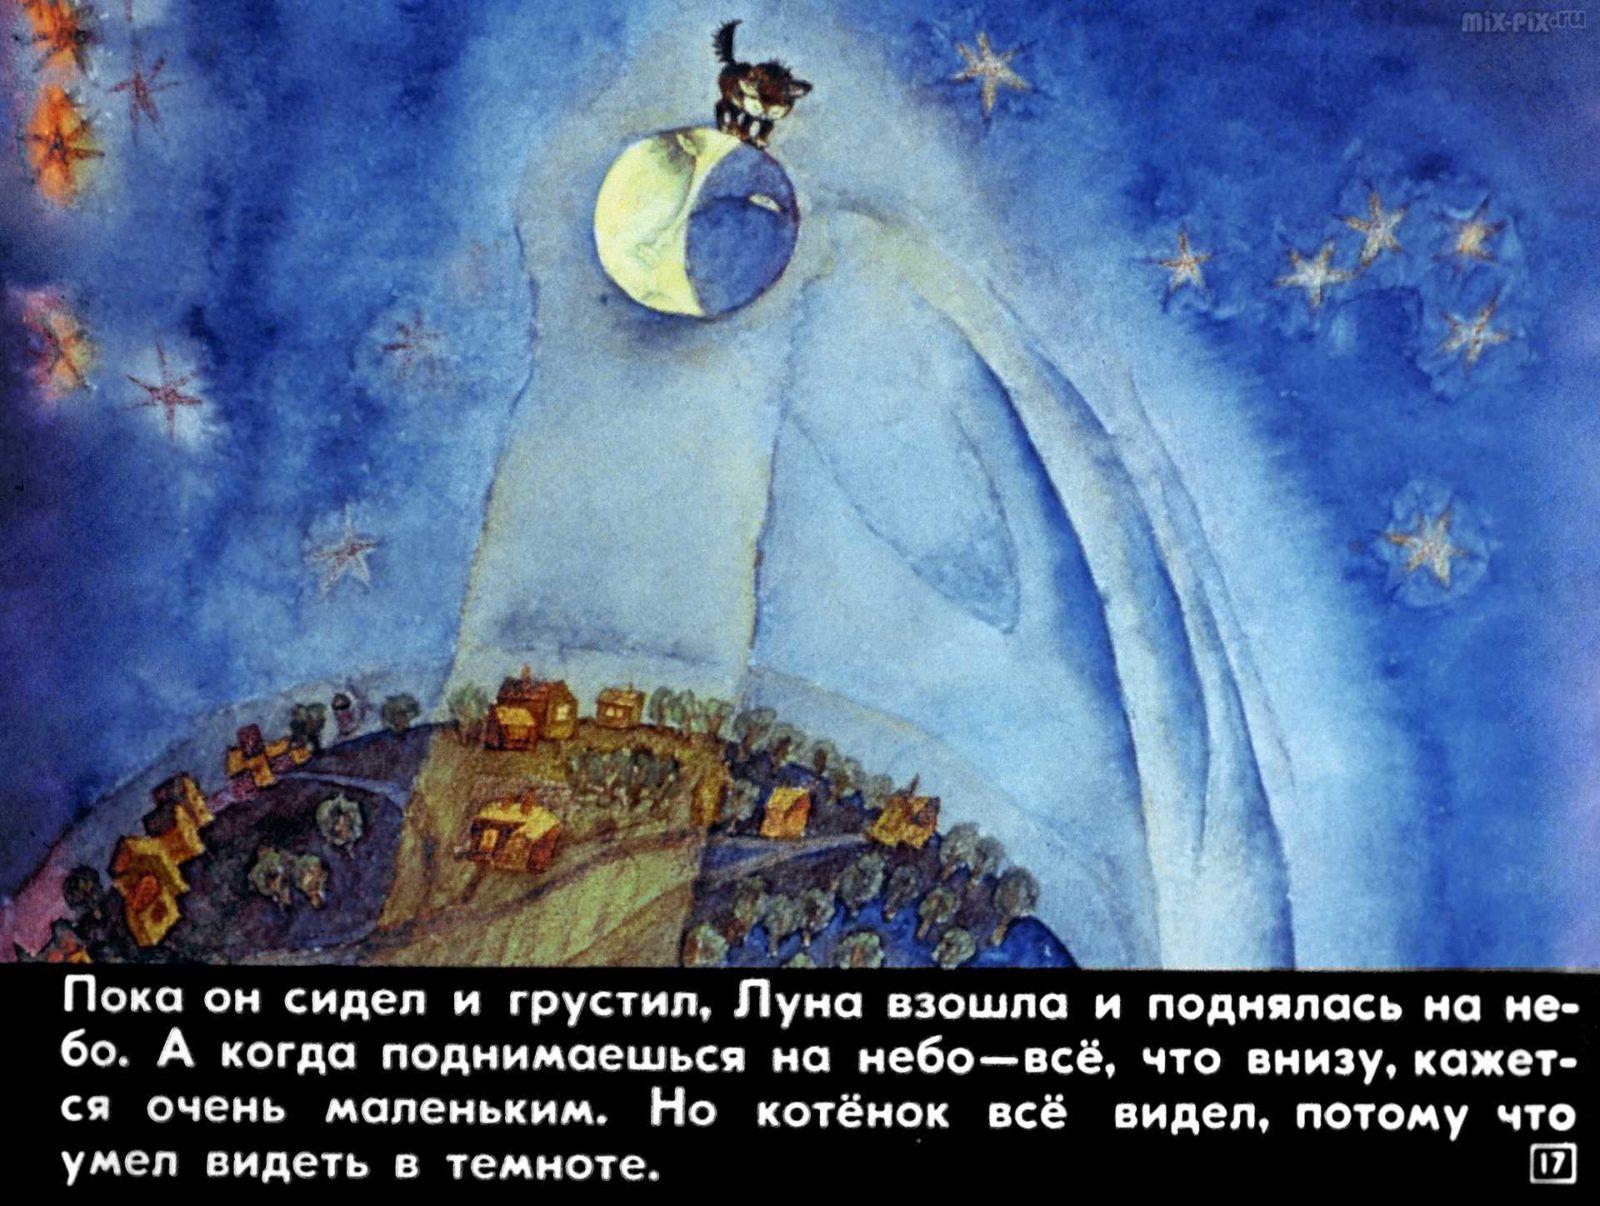 Сказка про лунный свет (1991) 35